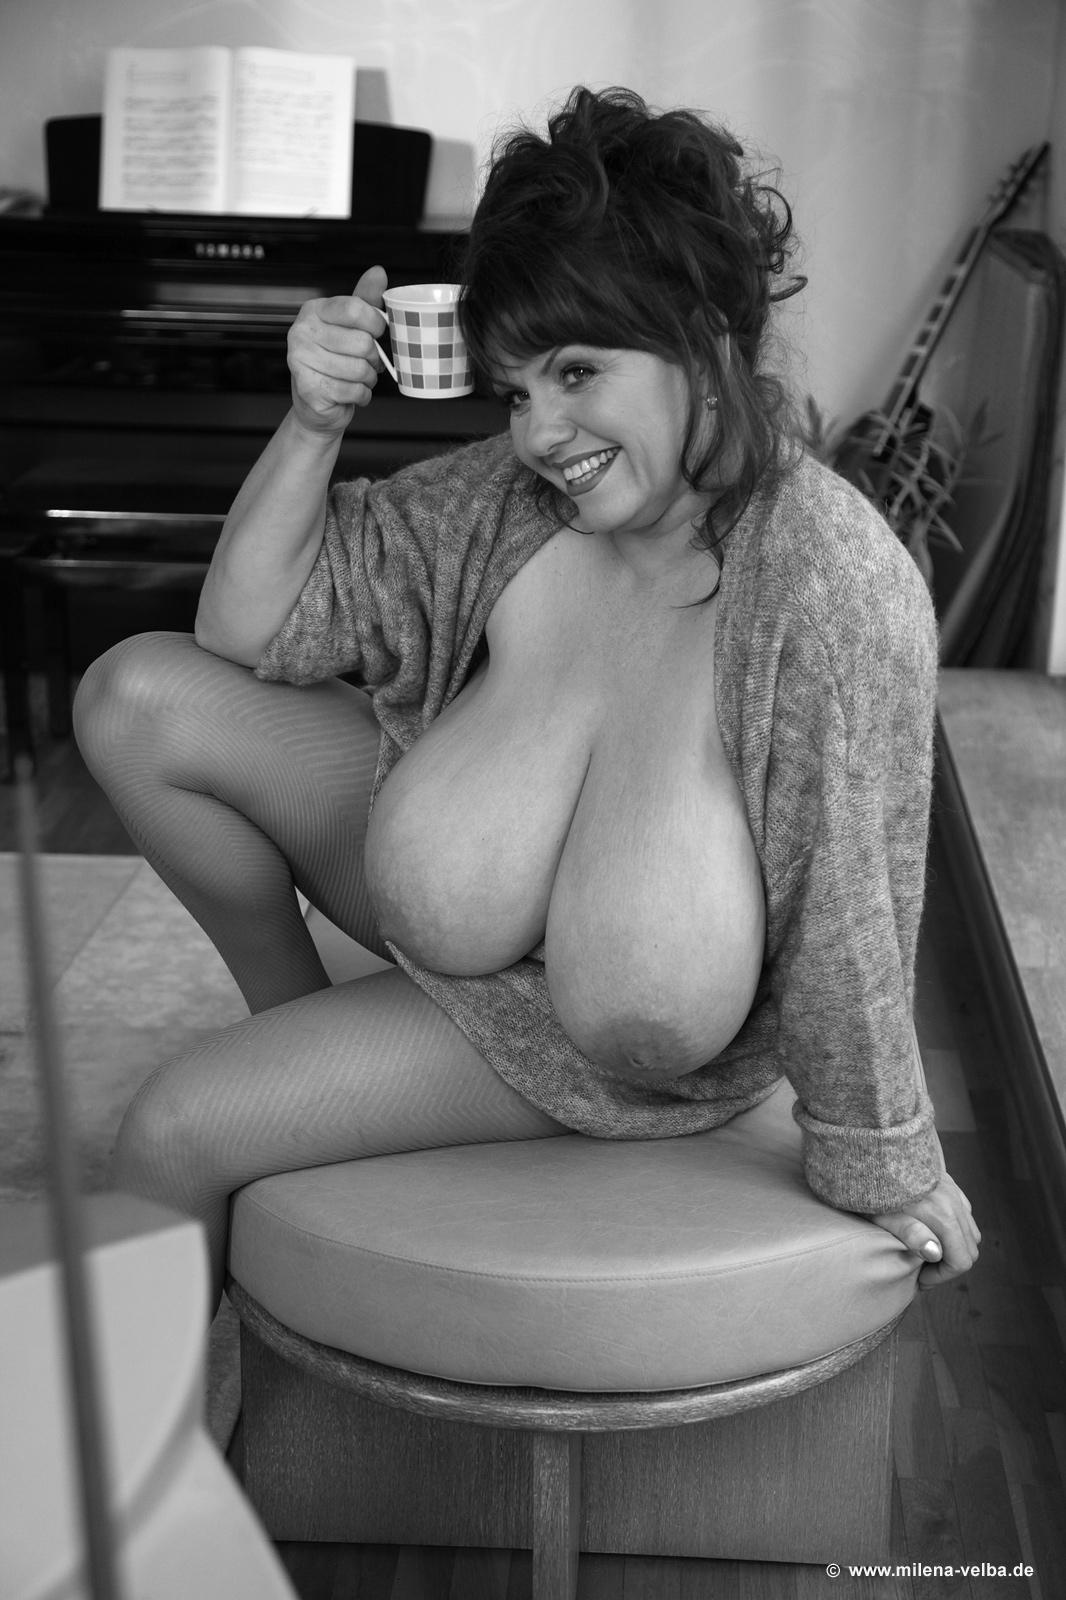 milena velba girl porn